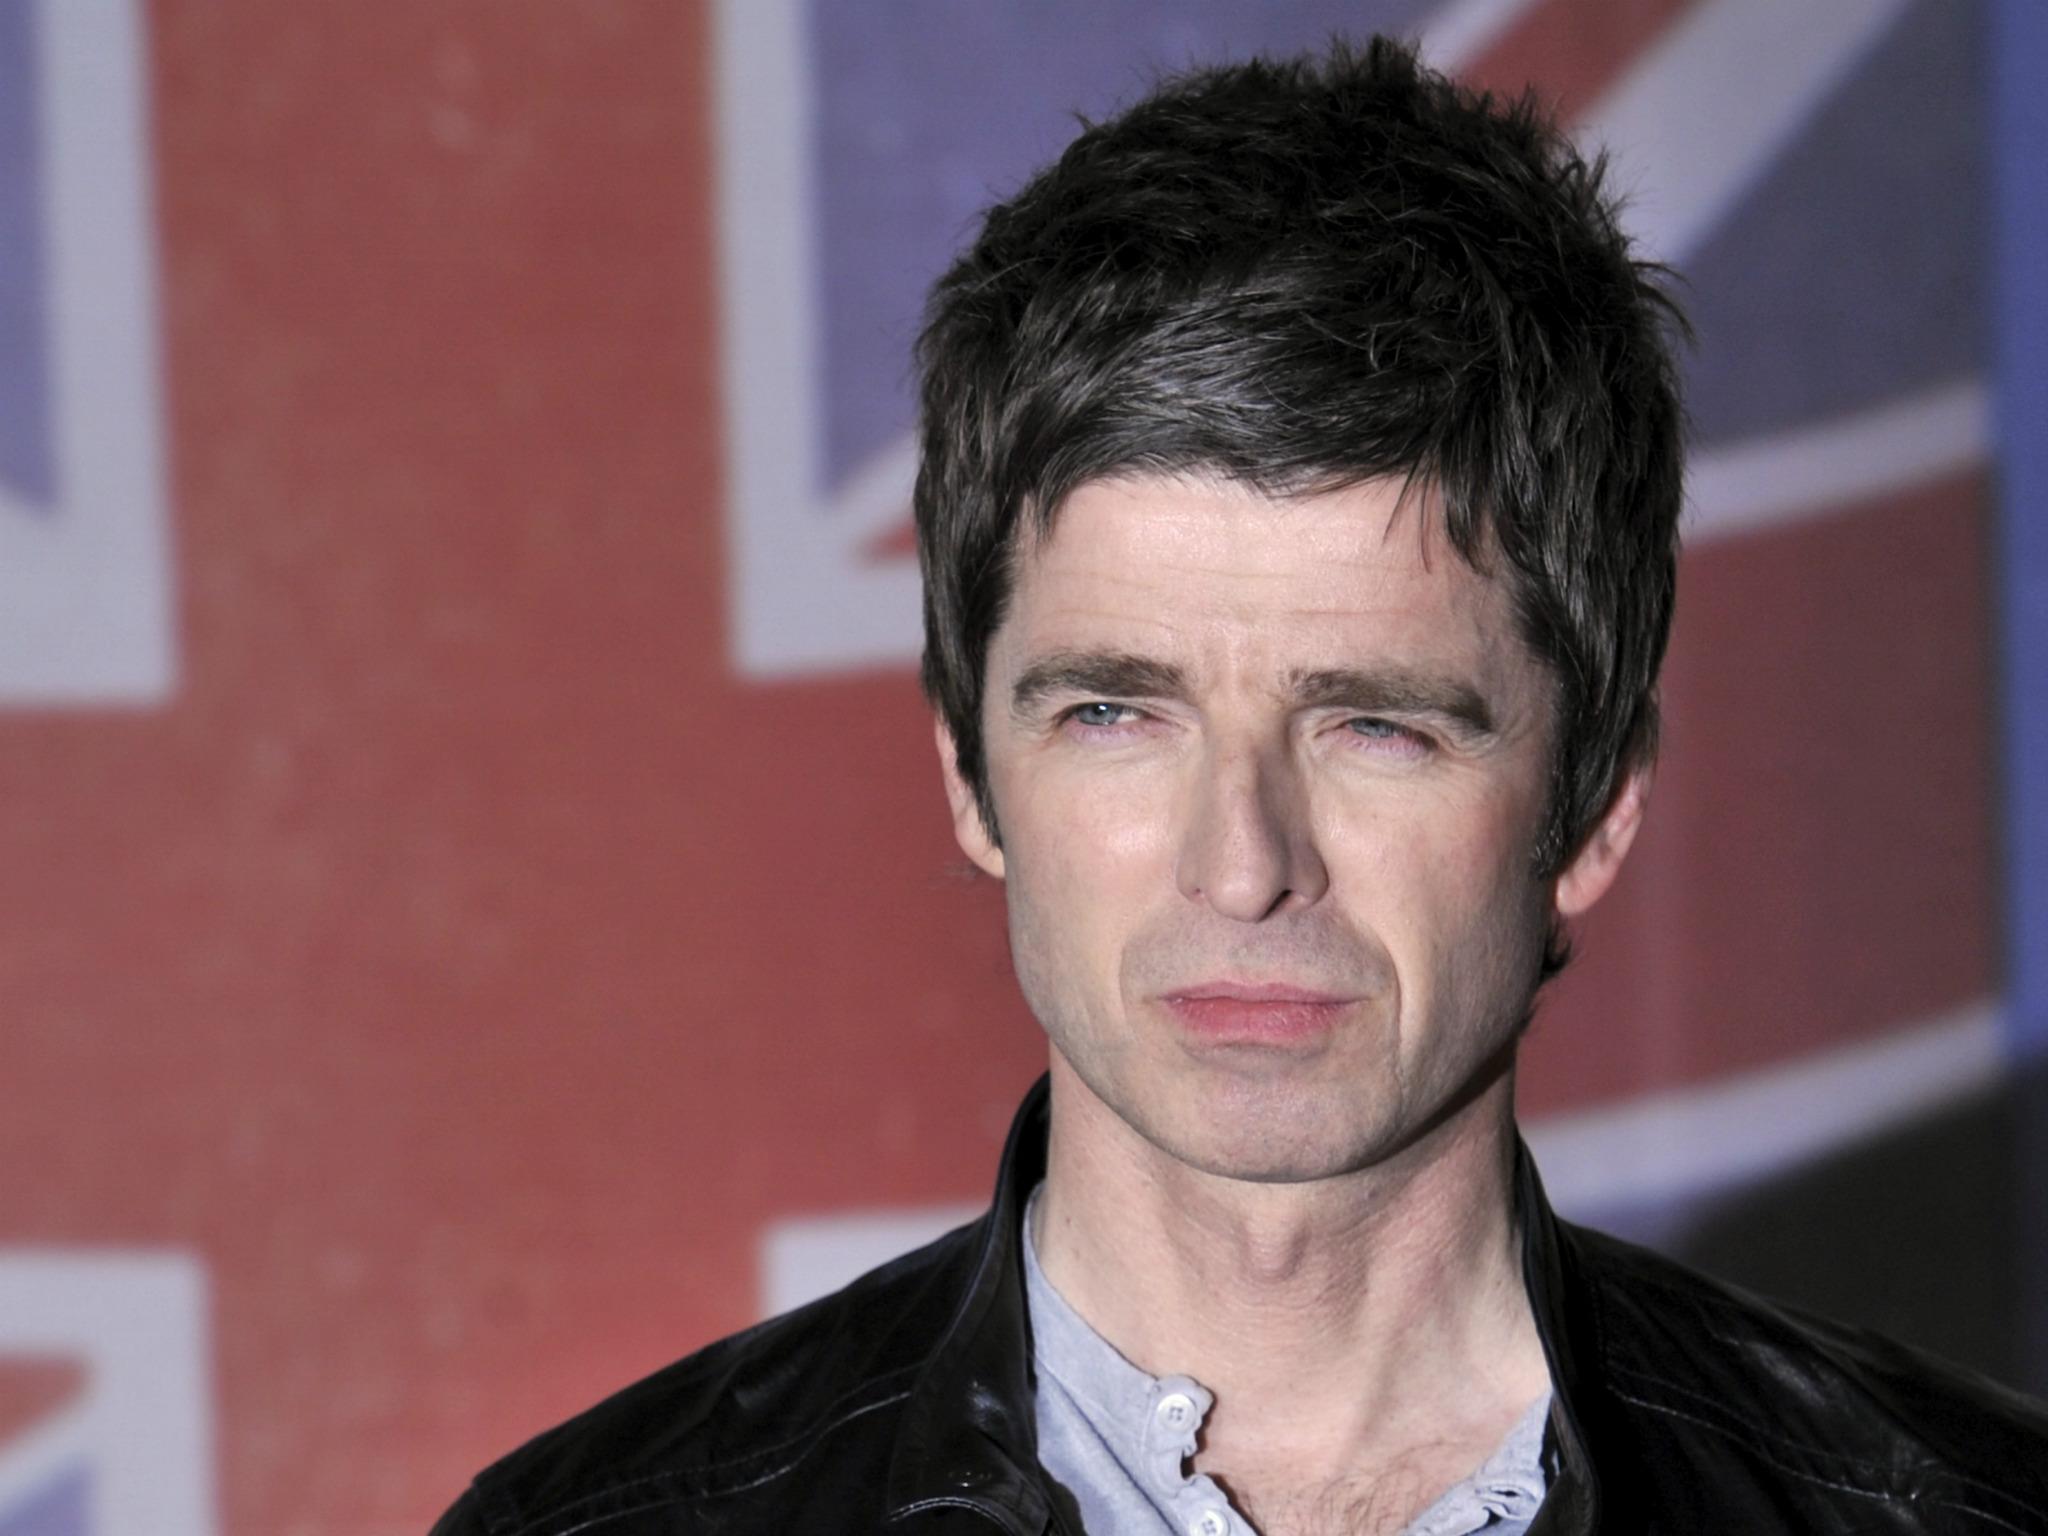 Noel Gallagher Hd Wallpaper